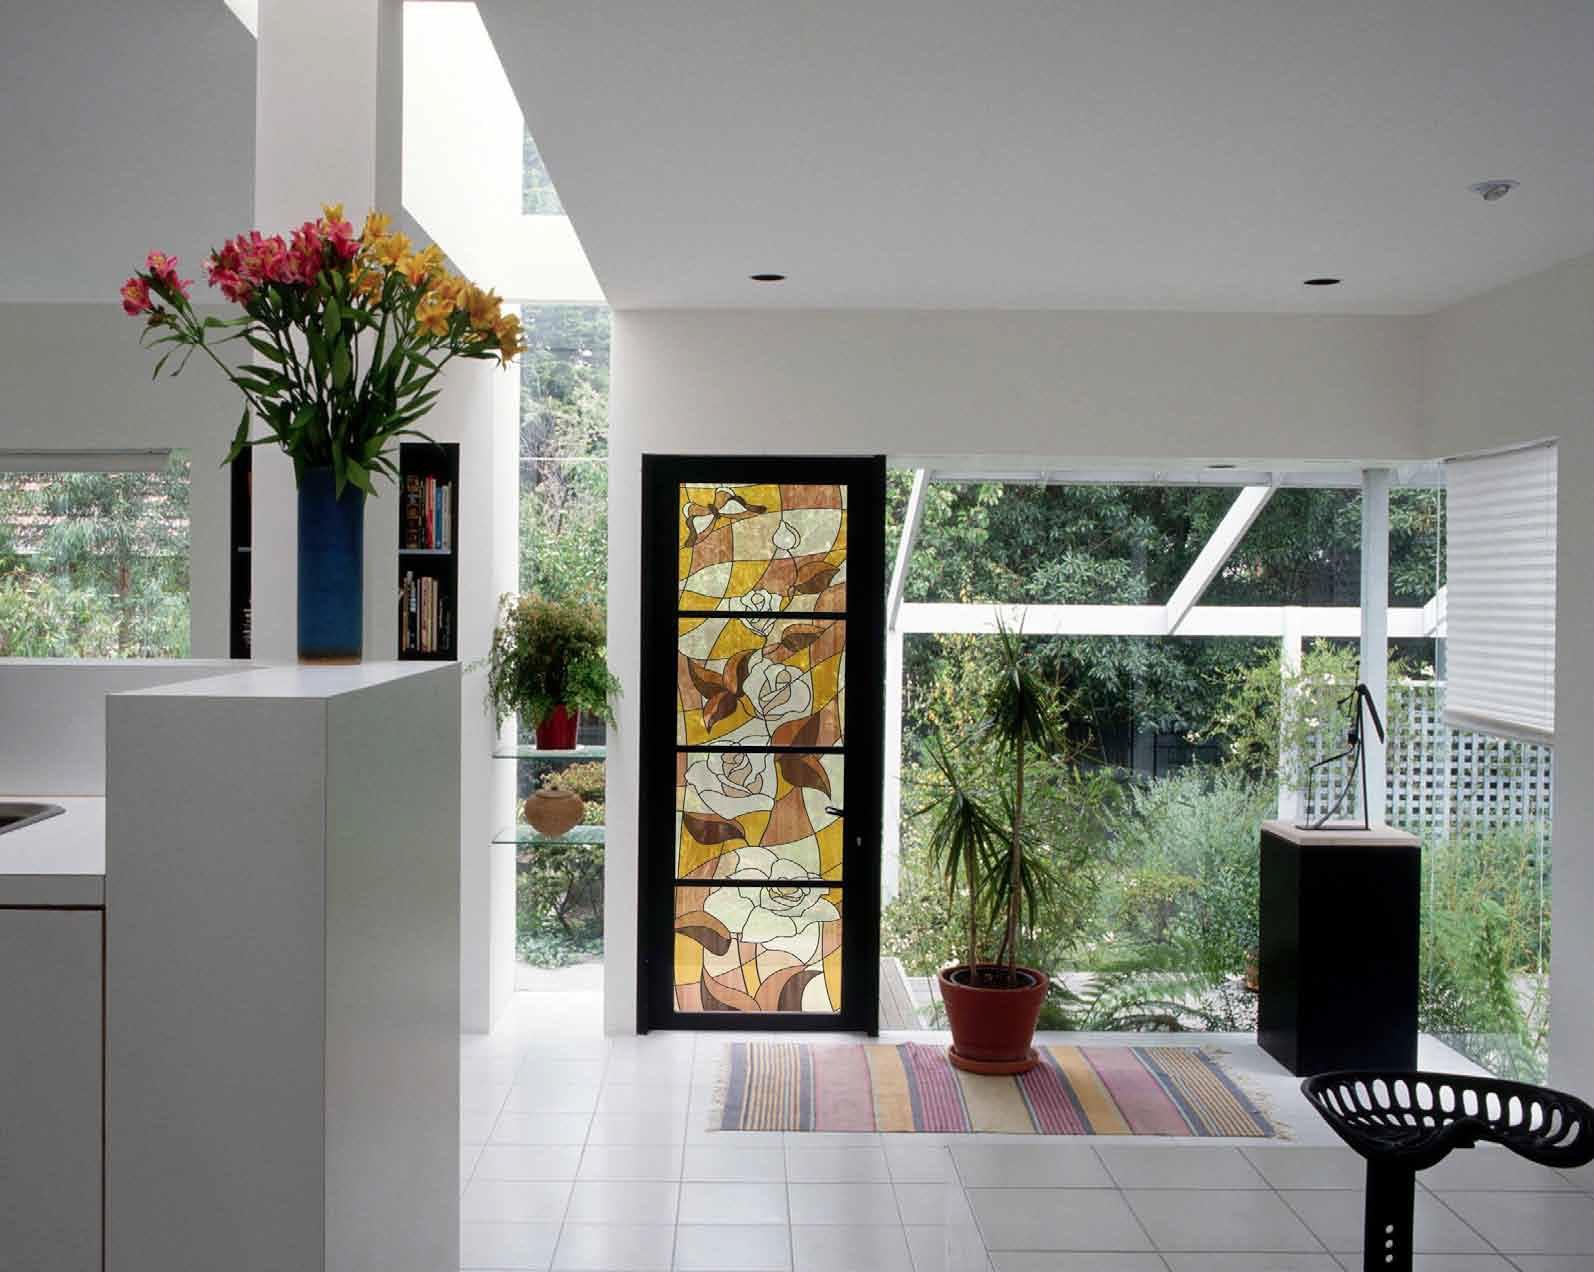 Витражи в интерьере (44 фото): художественное оформление квартиры или дома